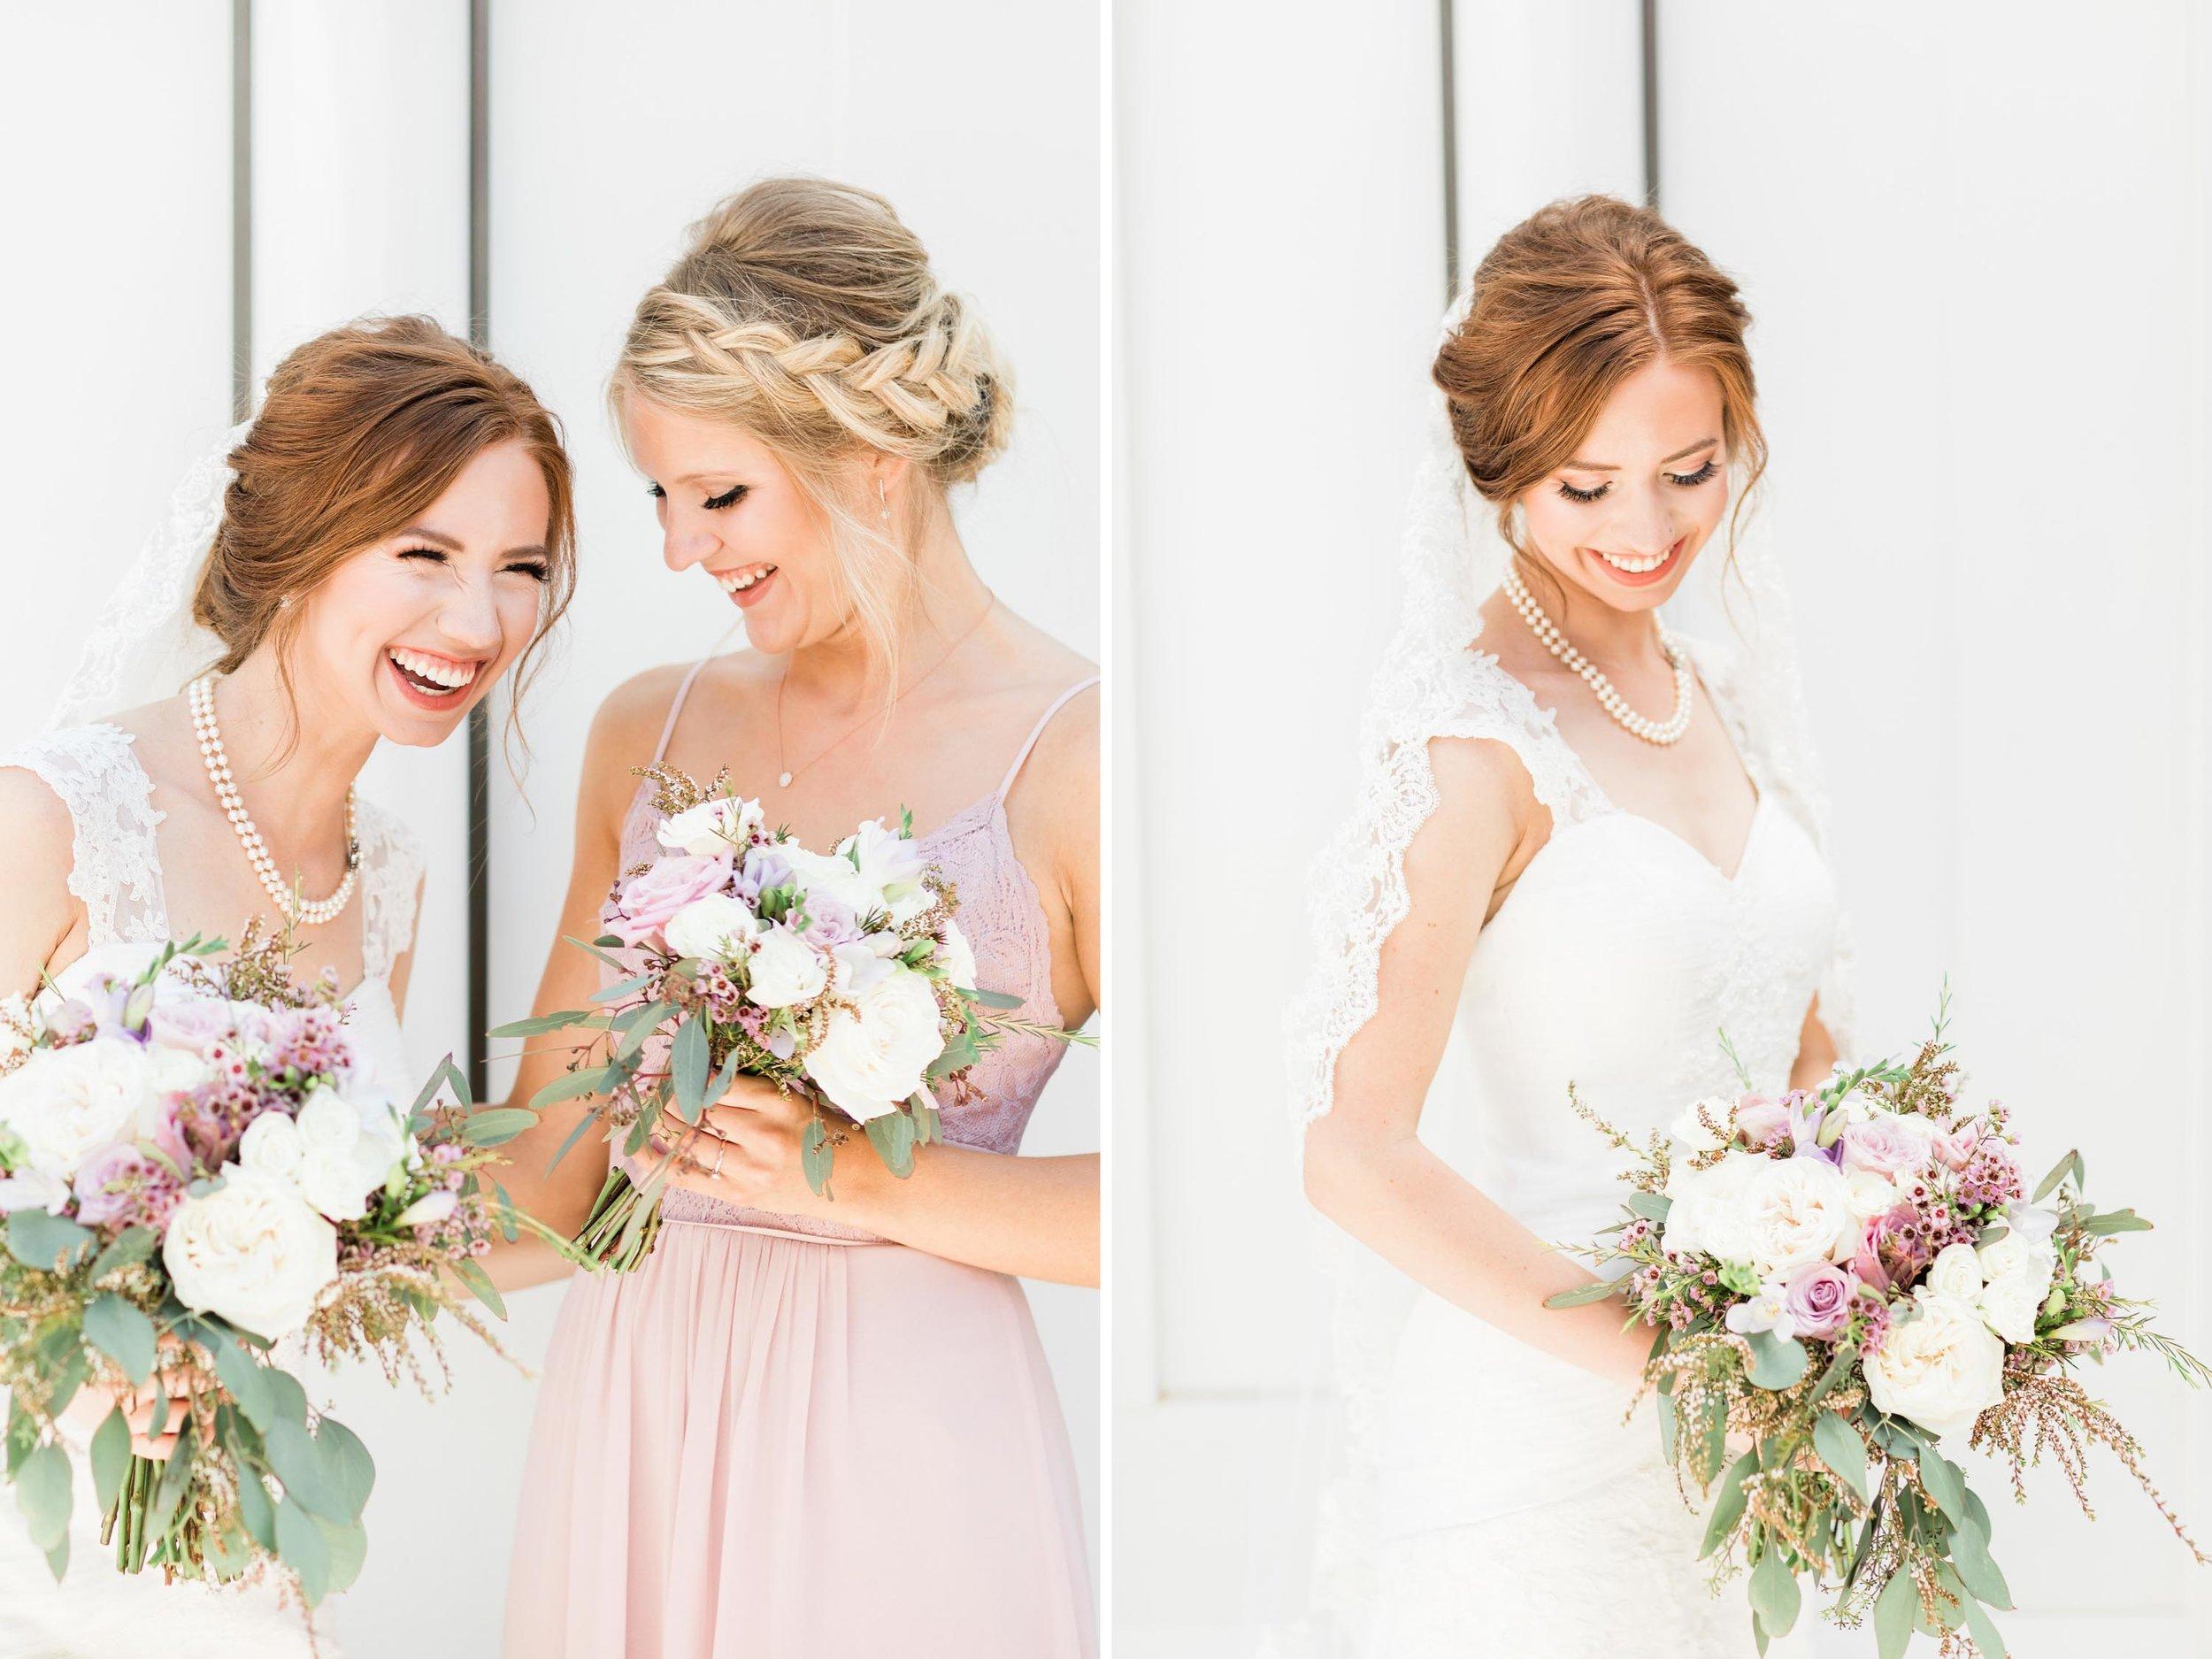 wedding photographers near me cincinnati ohio.jpg